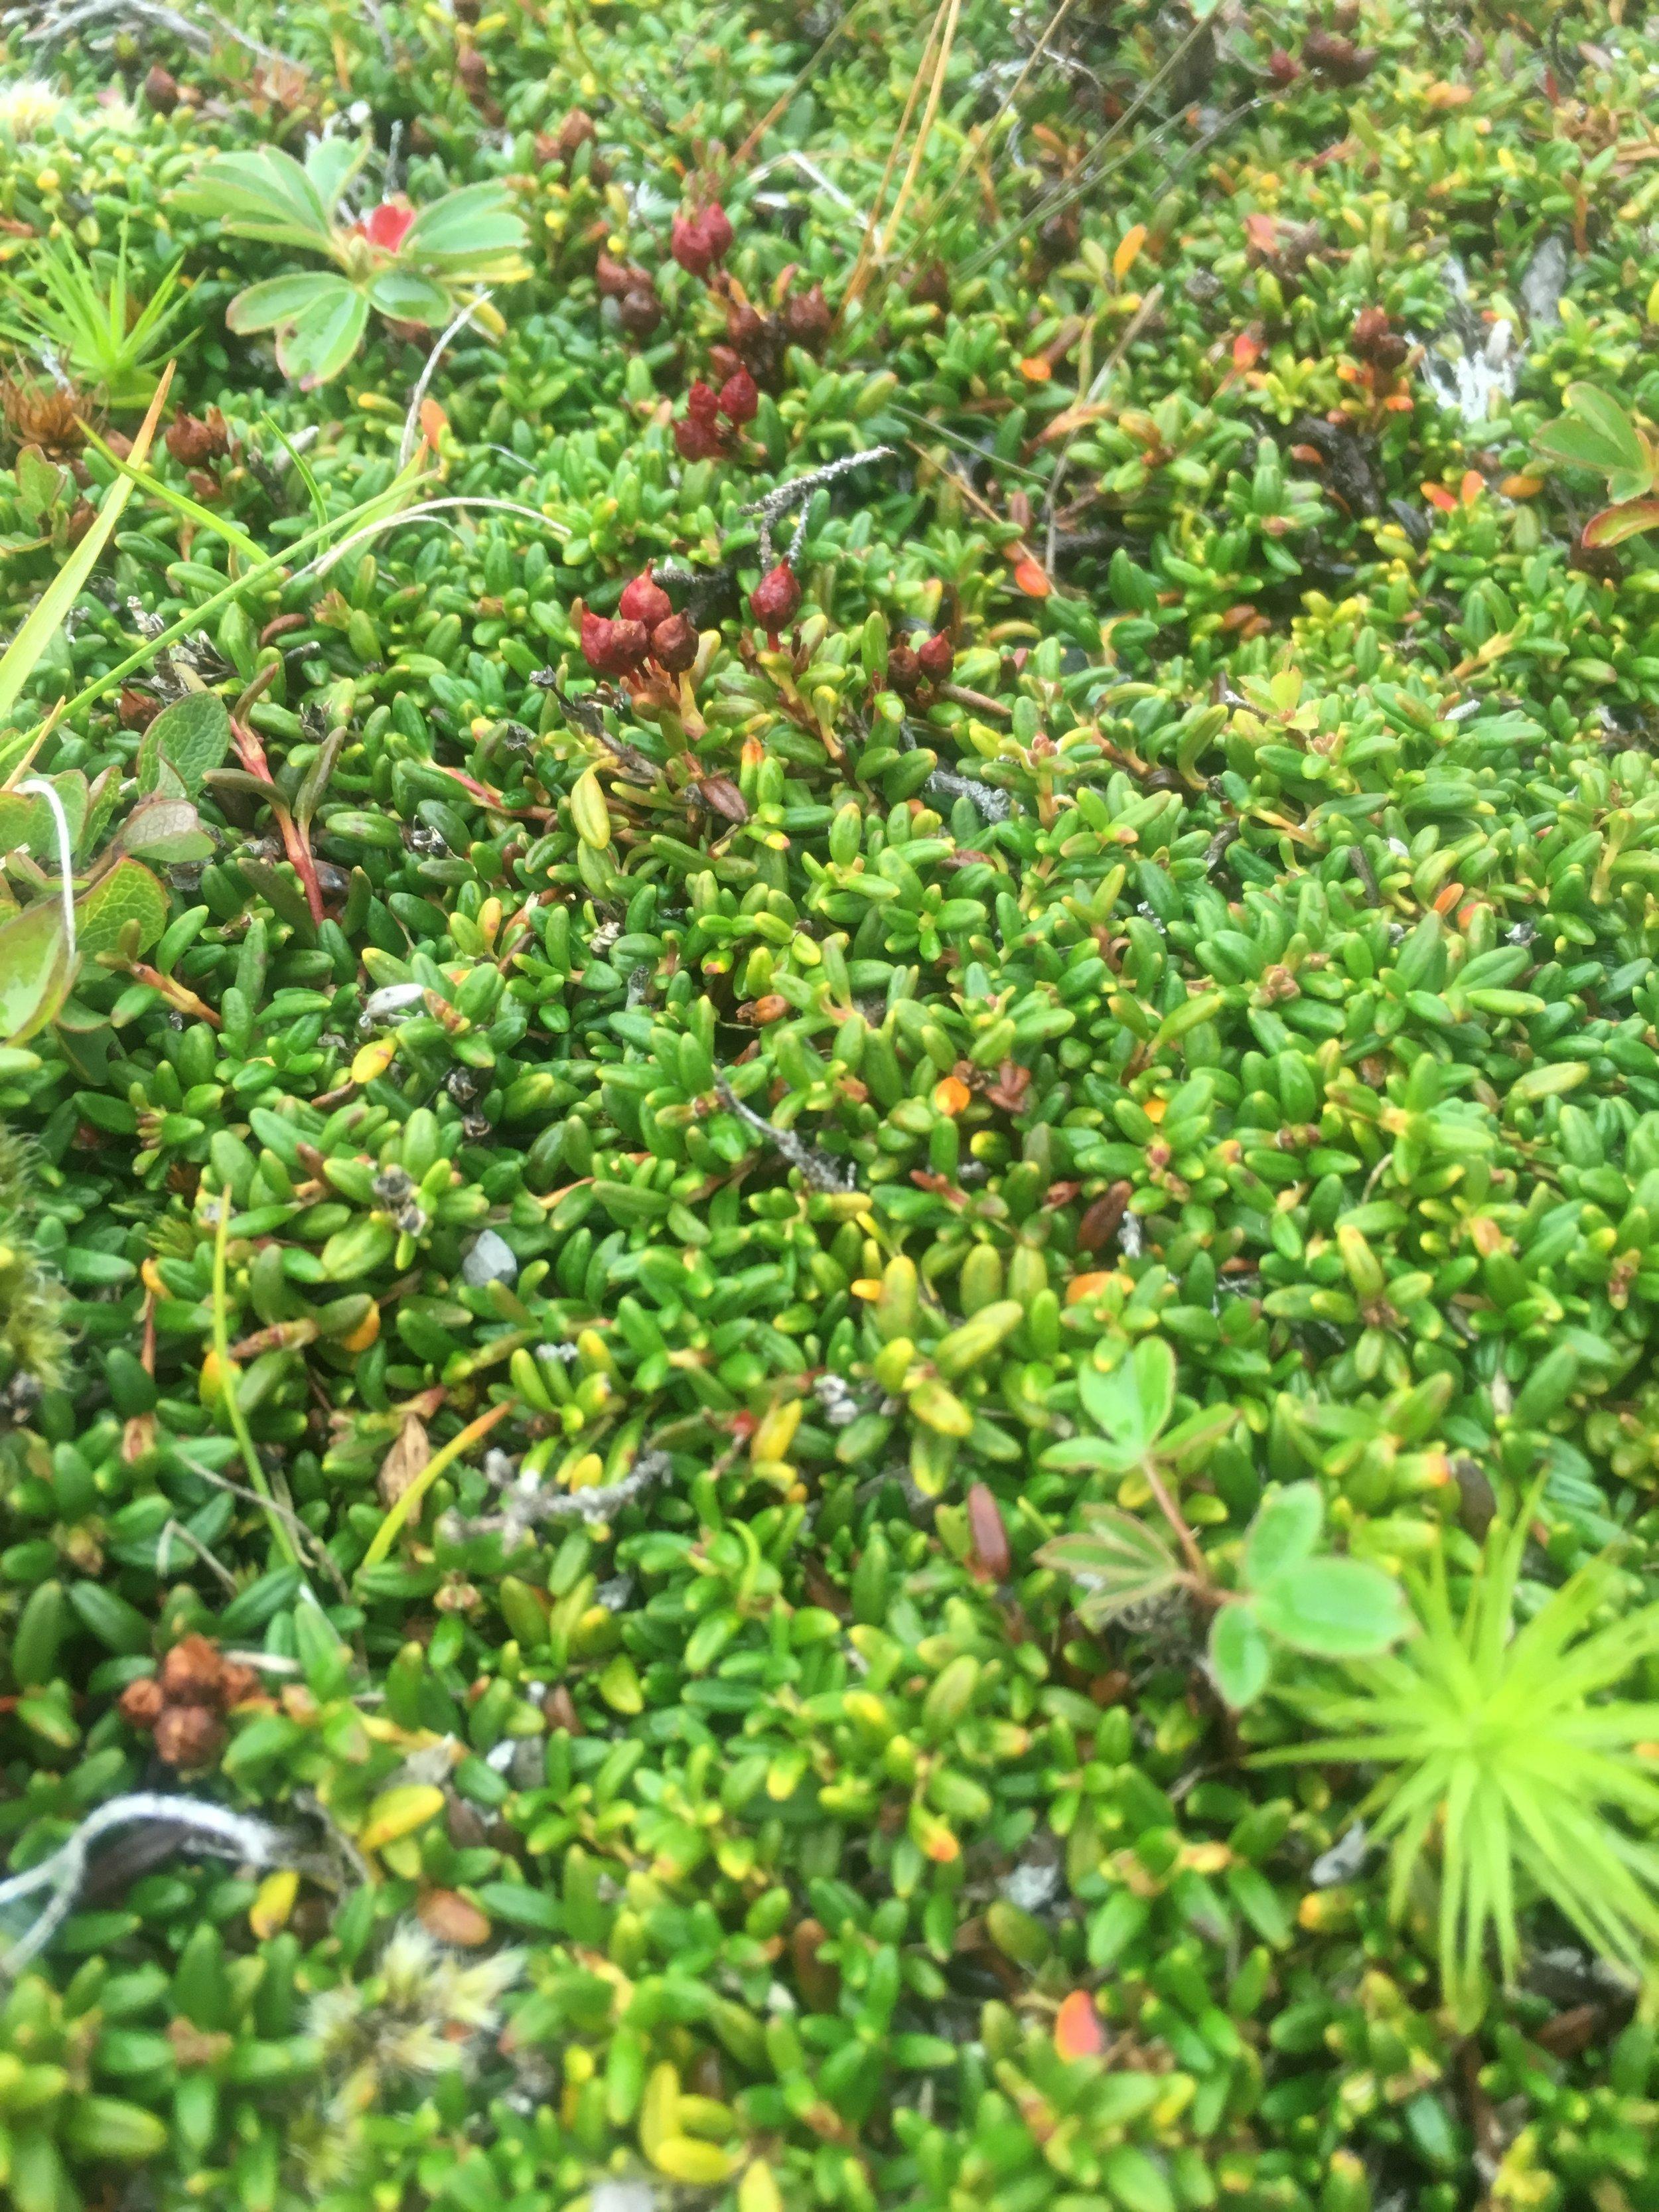 Alpine-azalea ( Kalmia  procumbens ) in fruit.